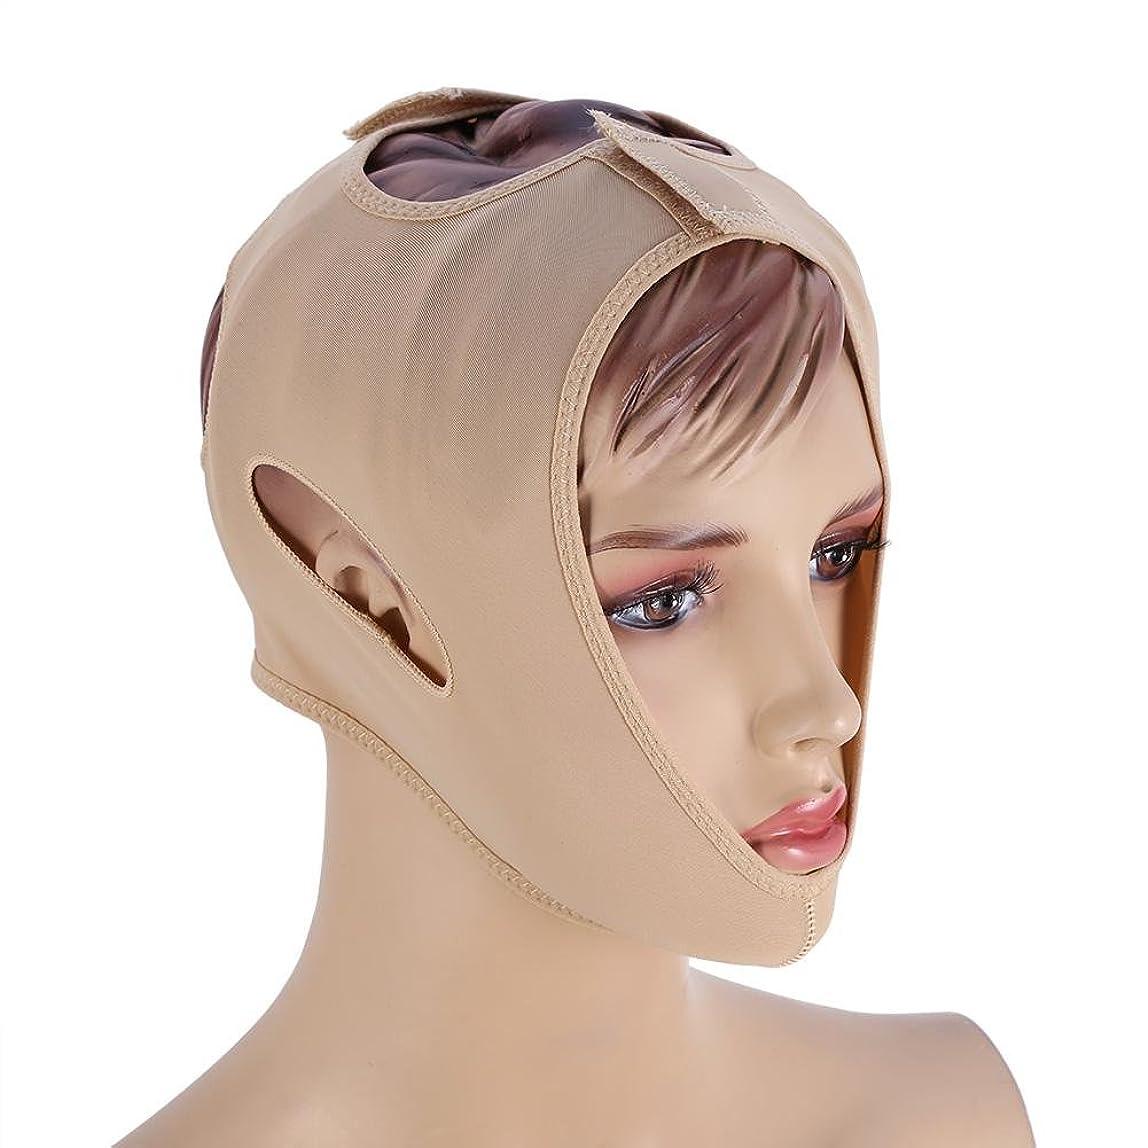 もう一度キャンペーンモットーフェイスベルト 額、顎下、頬リフトアップ 小顔 美顔 頬のたるみ 引き上げマスク便利 伸縮性 繊維 (L码)